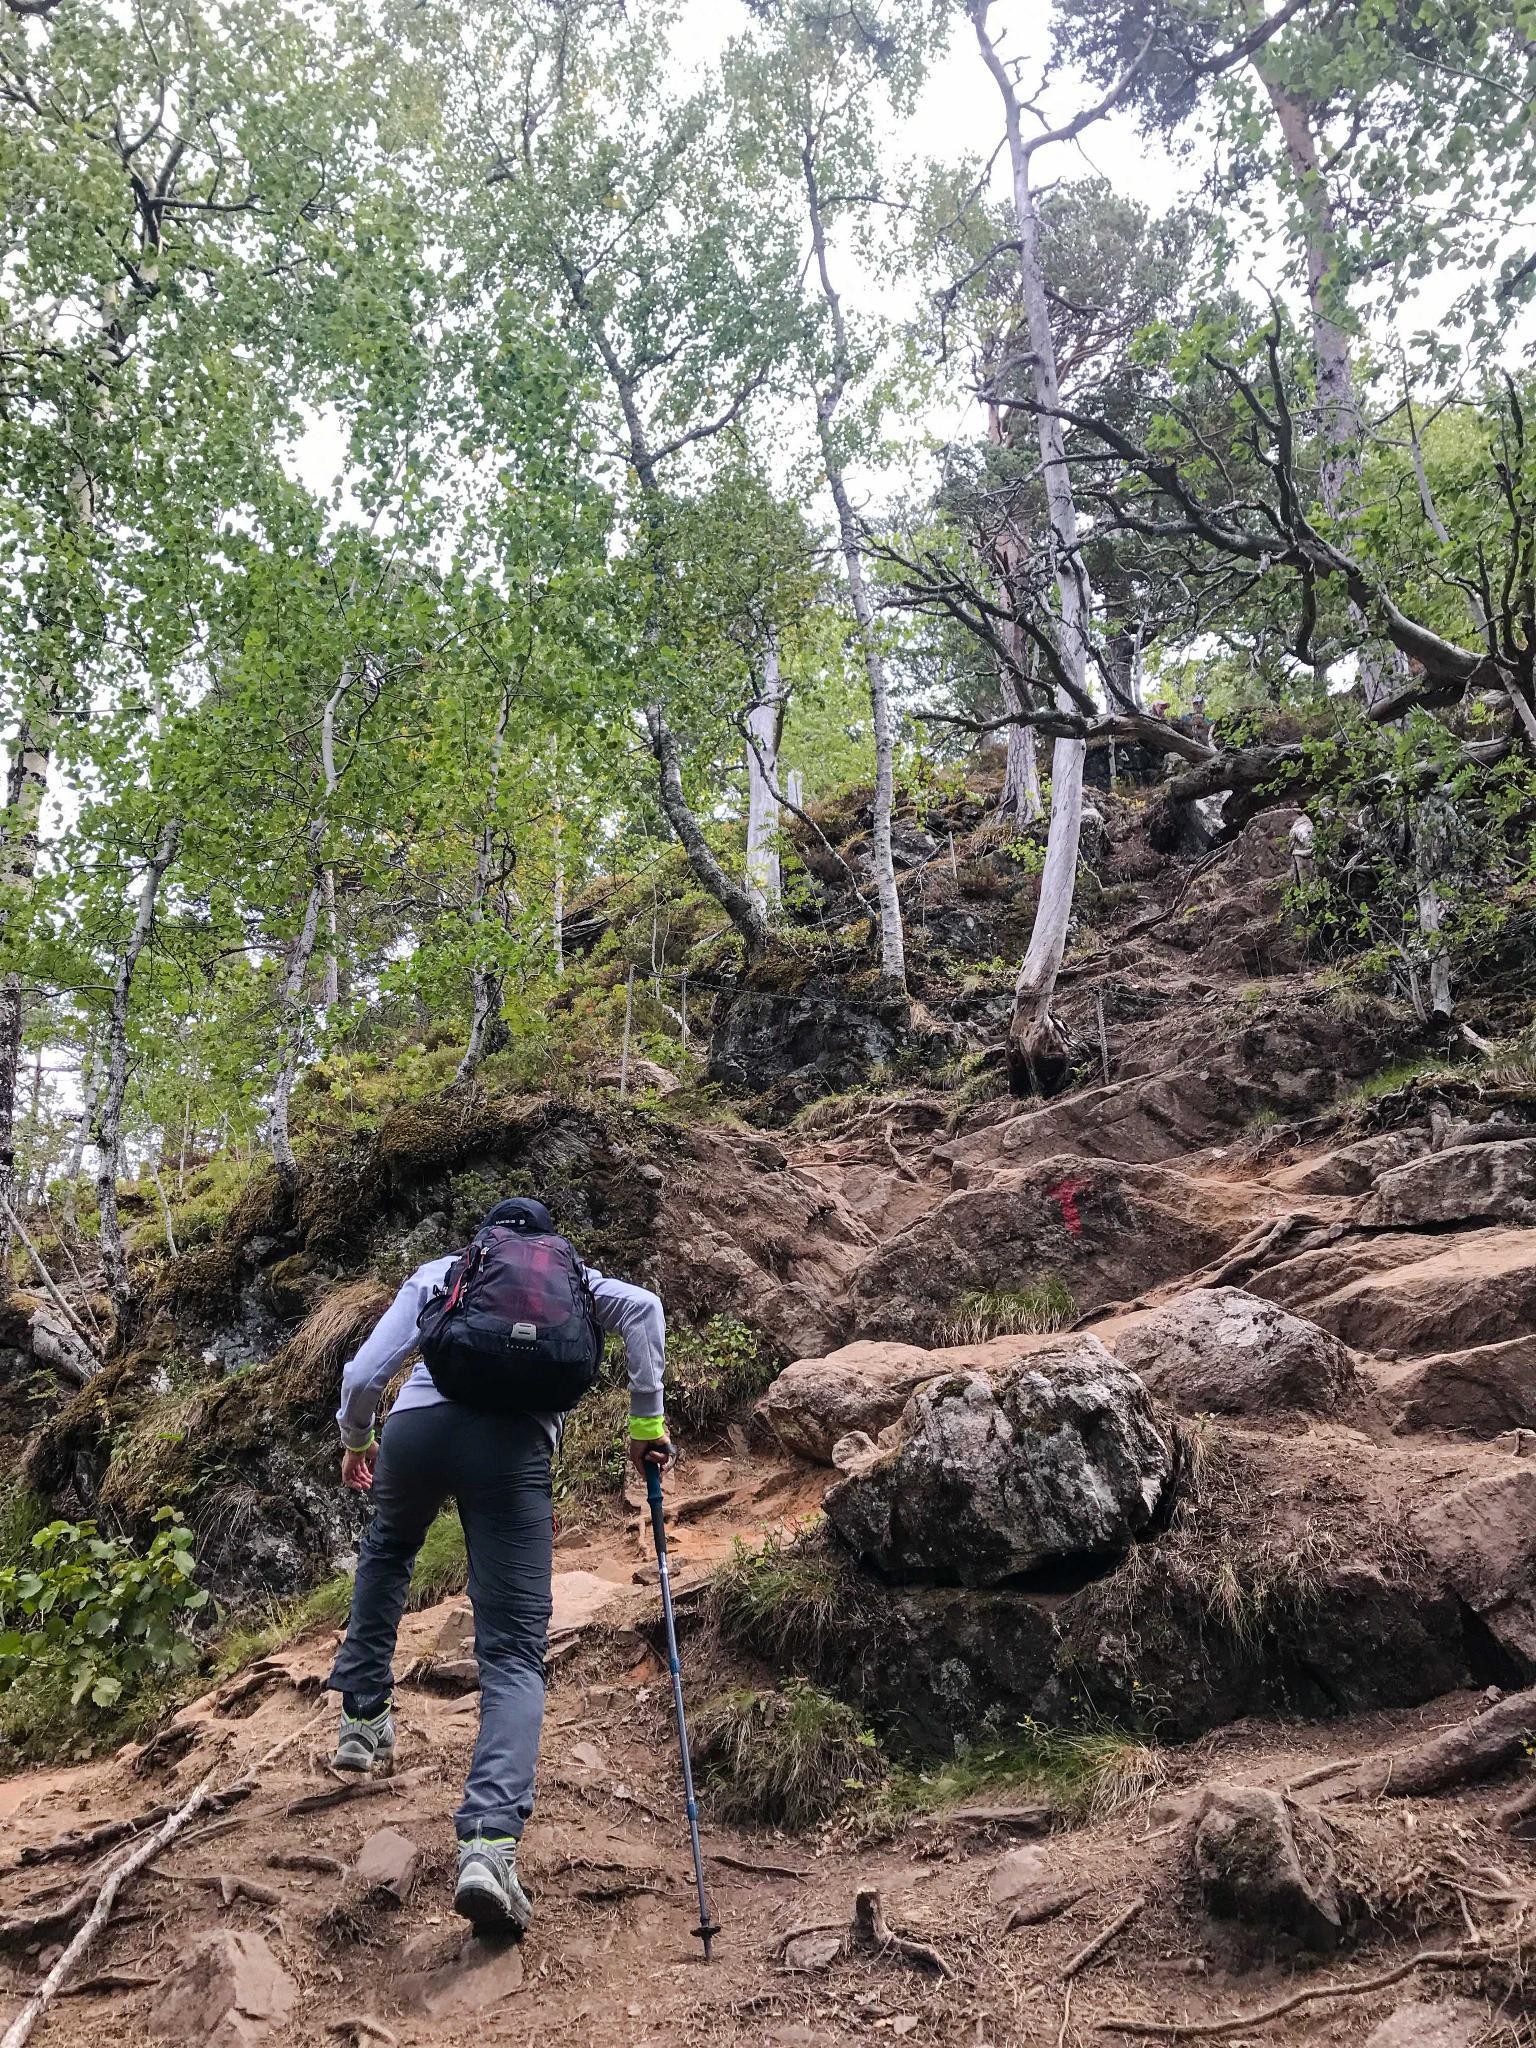 【北歐景點】峽灣區起點Åndalsnes健行 - 鳥瞰峽灣全景的Rampestreken觀景台 13